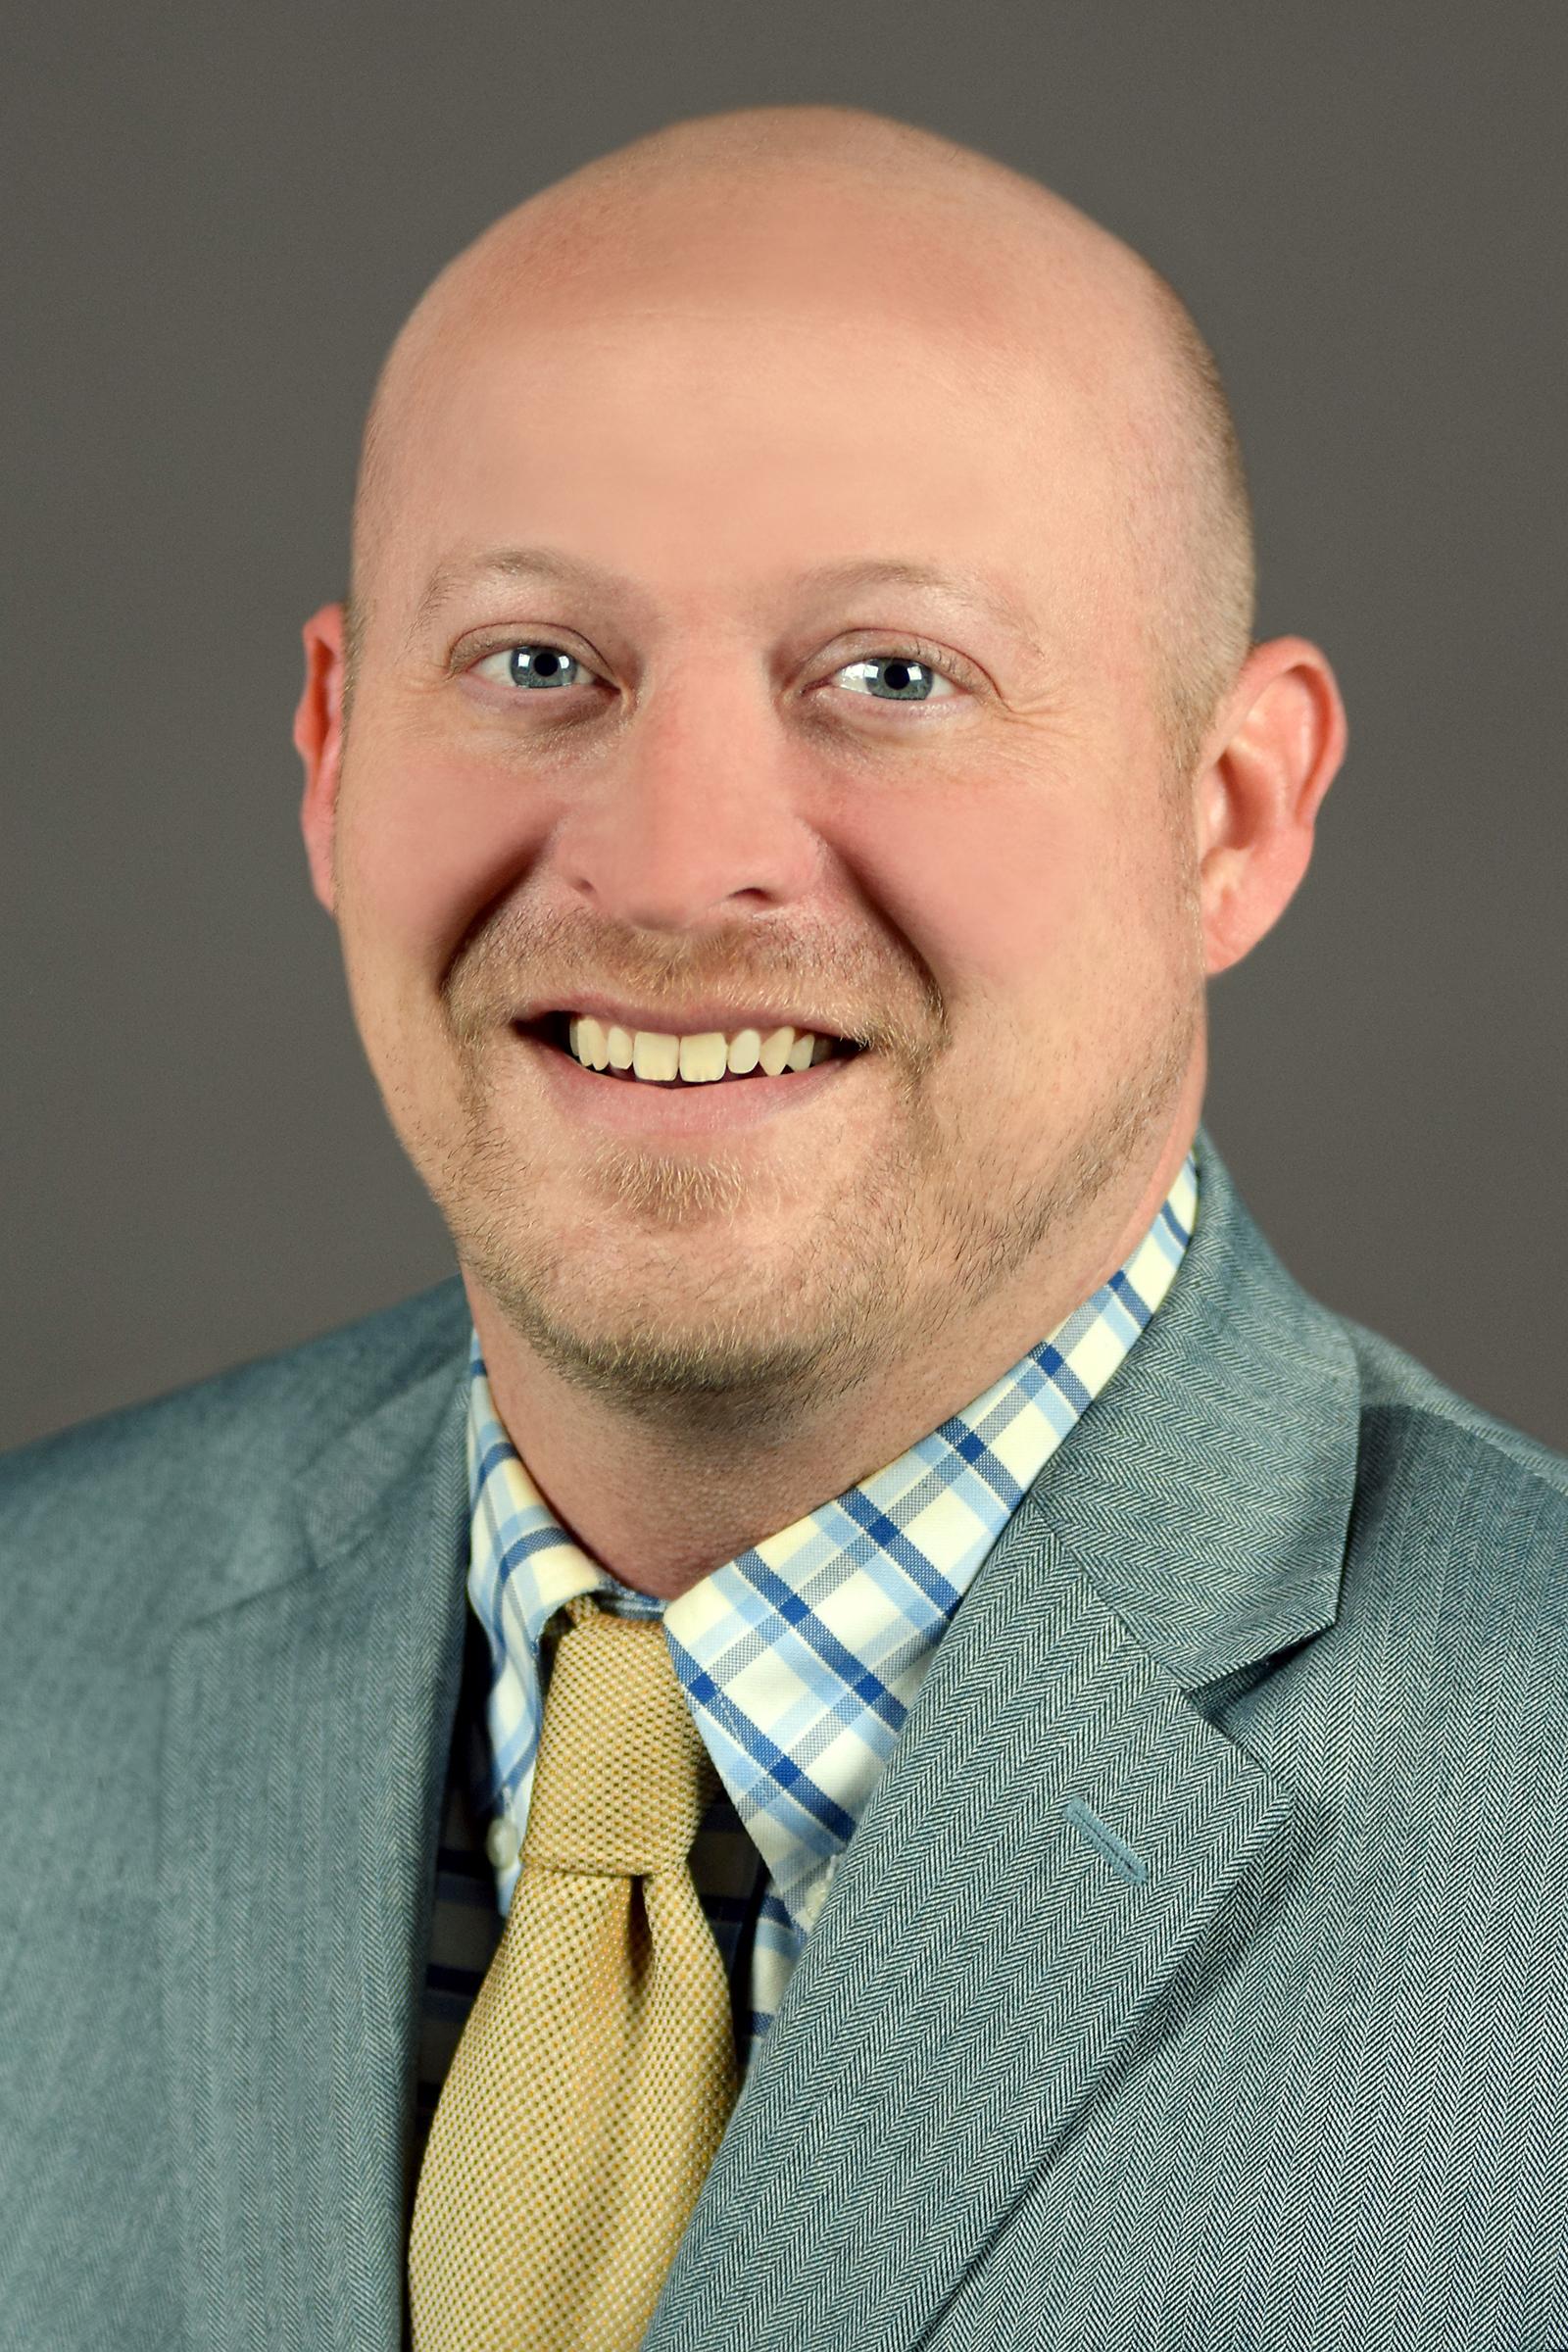 Caleb Gutshall